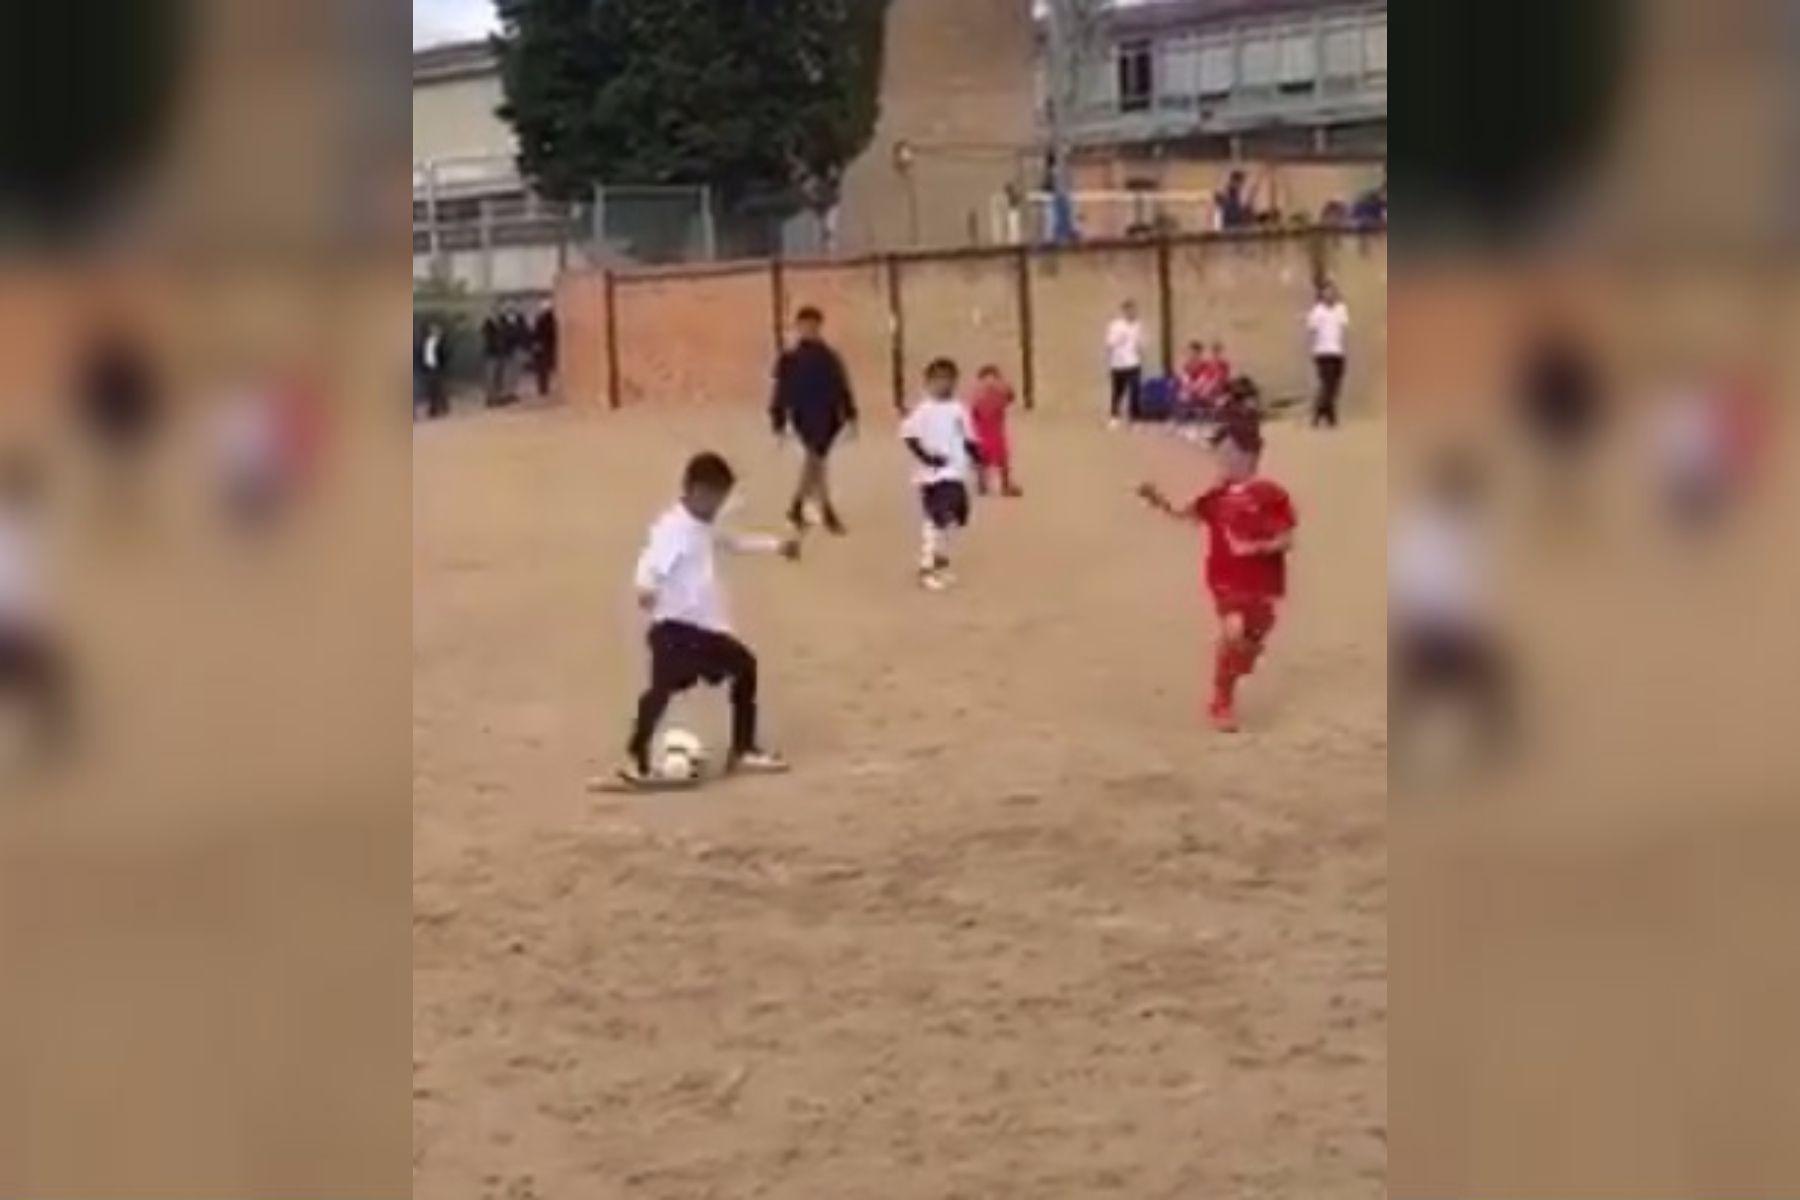 ¡Igualito! El hijo de Cristiano Ronaldo sorprendió a todos con su pegada